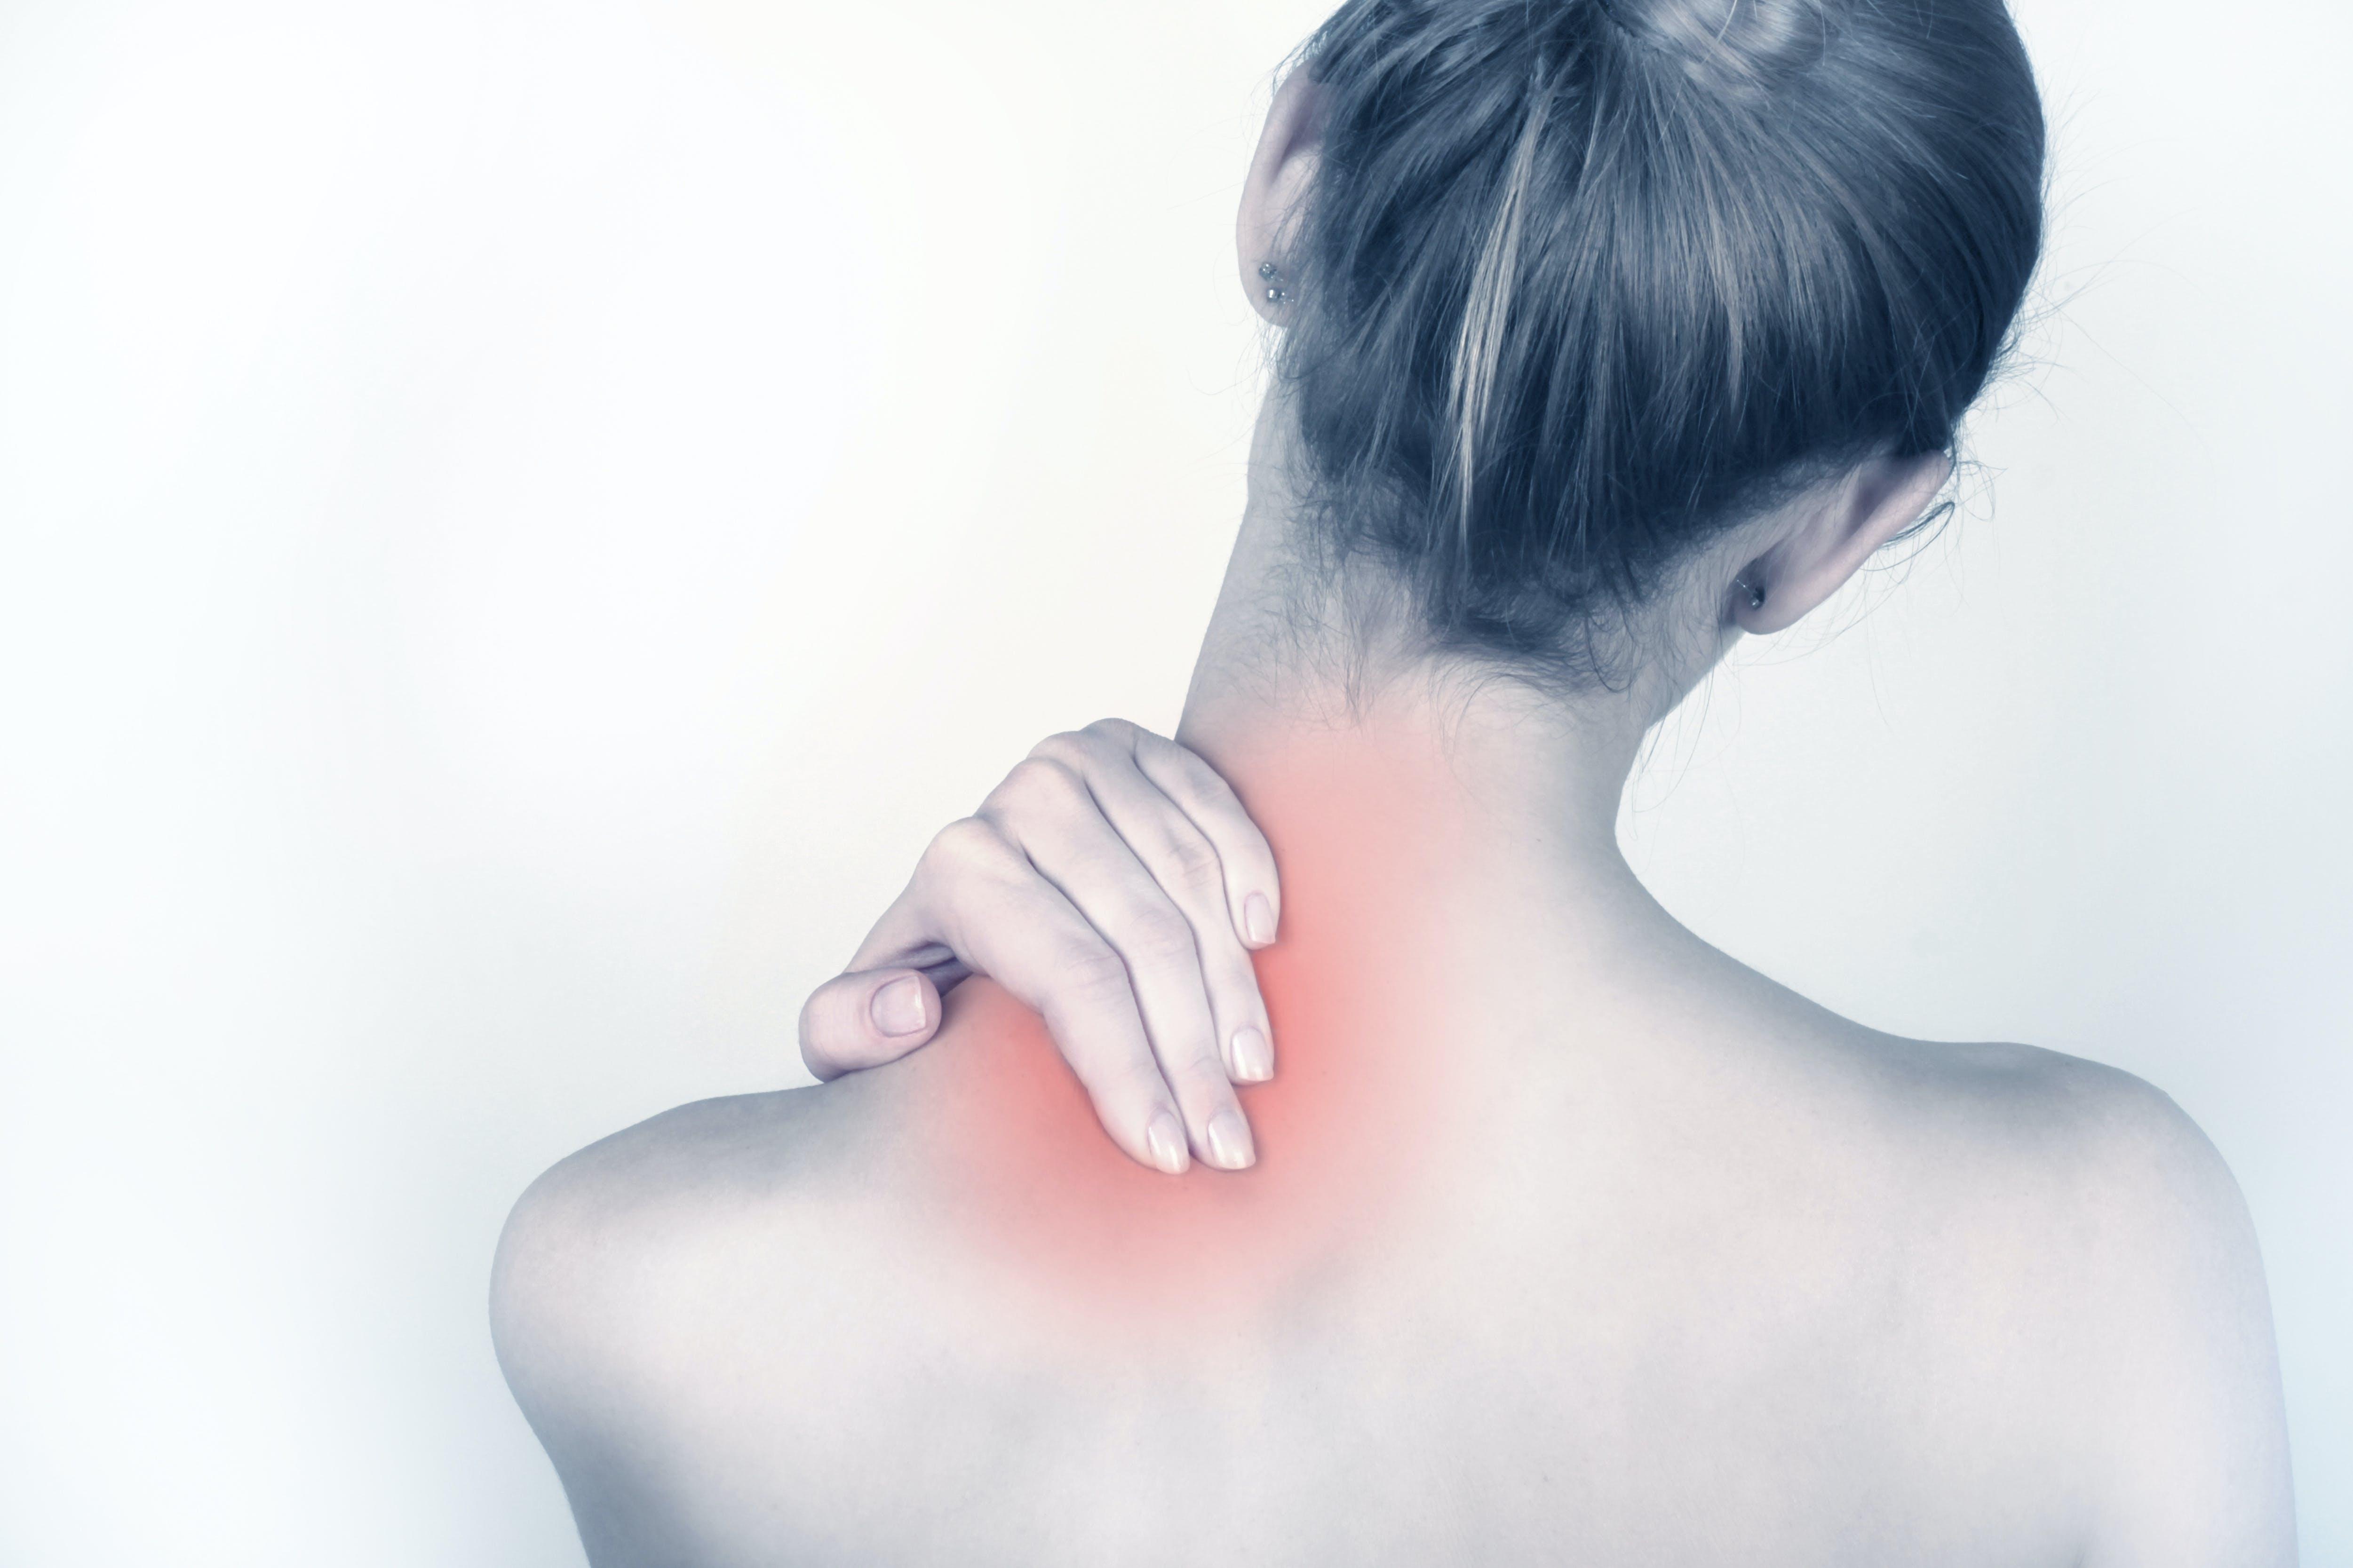 Dolore muscolare diffuso e mialgia: riconoscerla e curarla